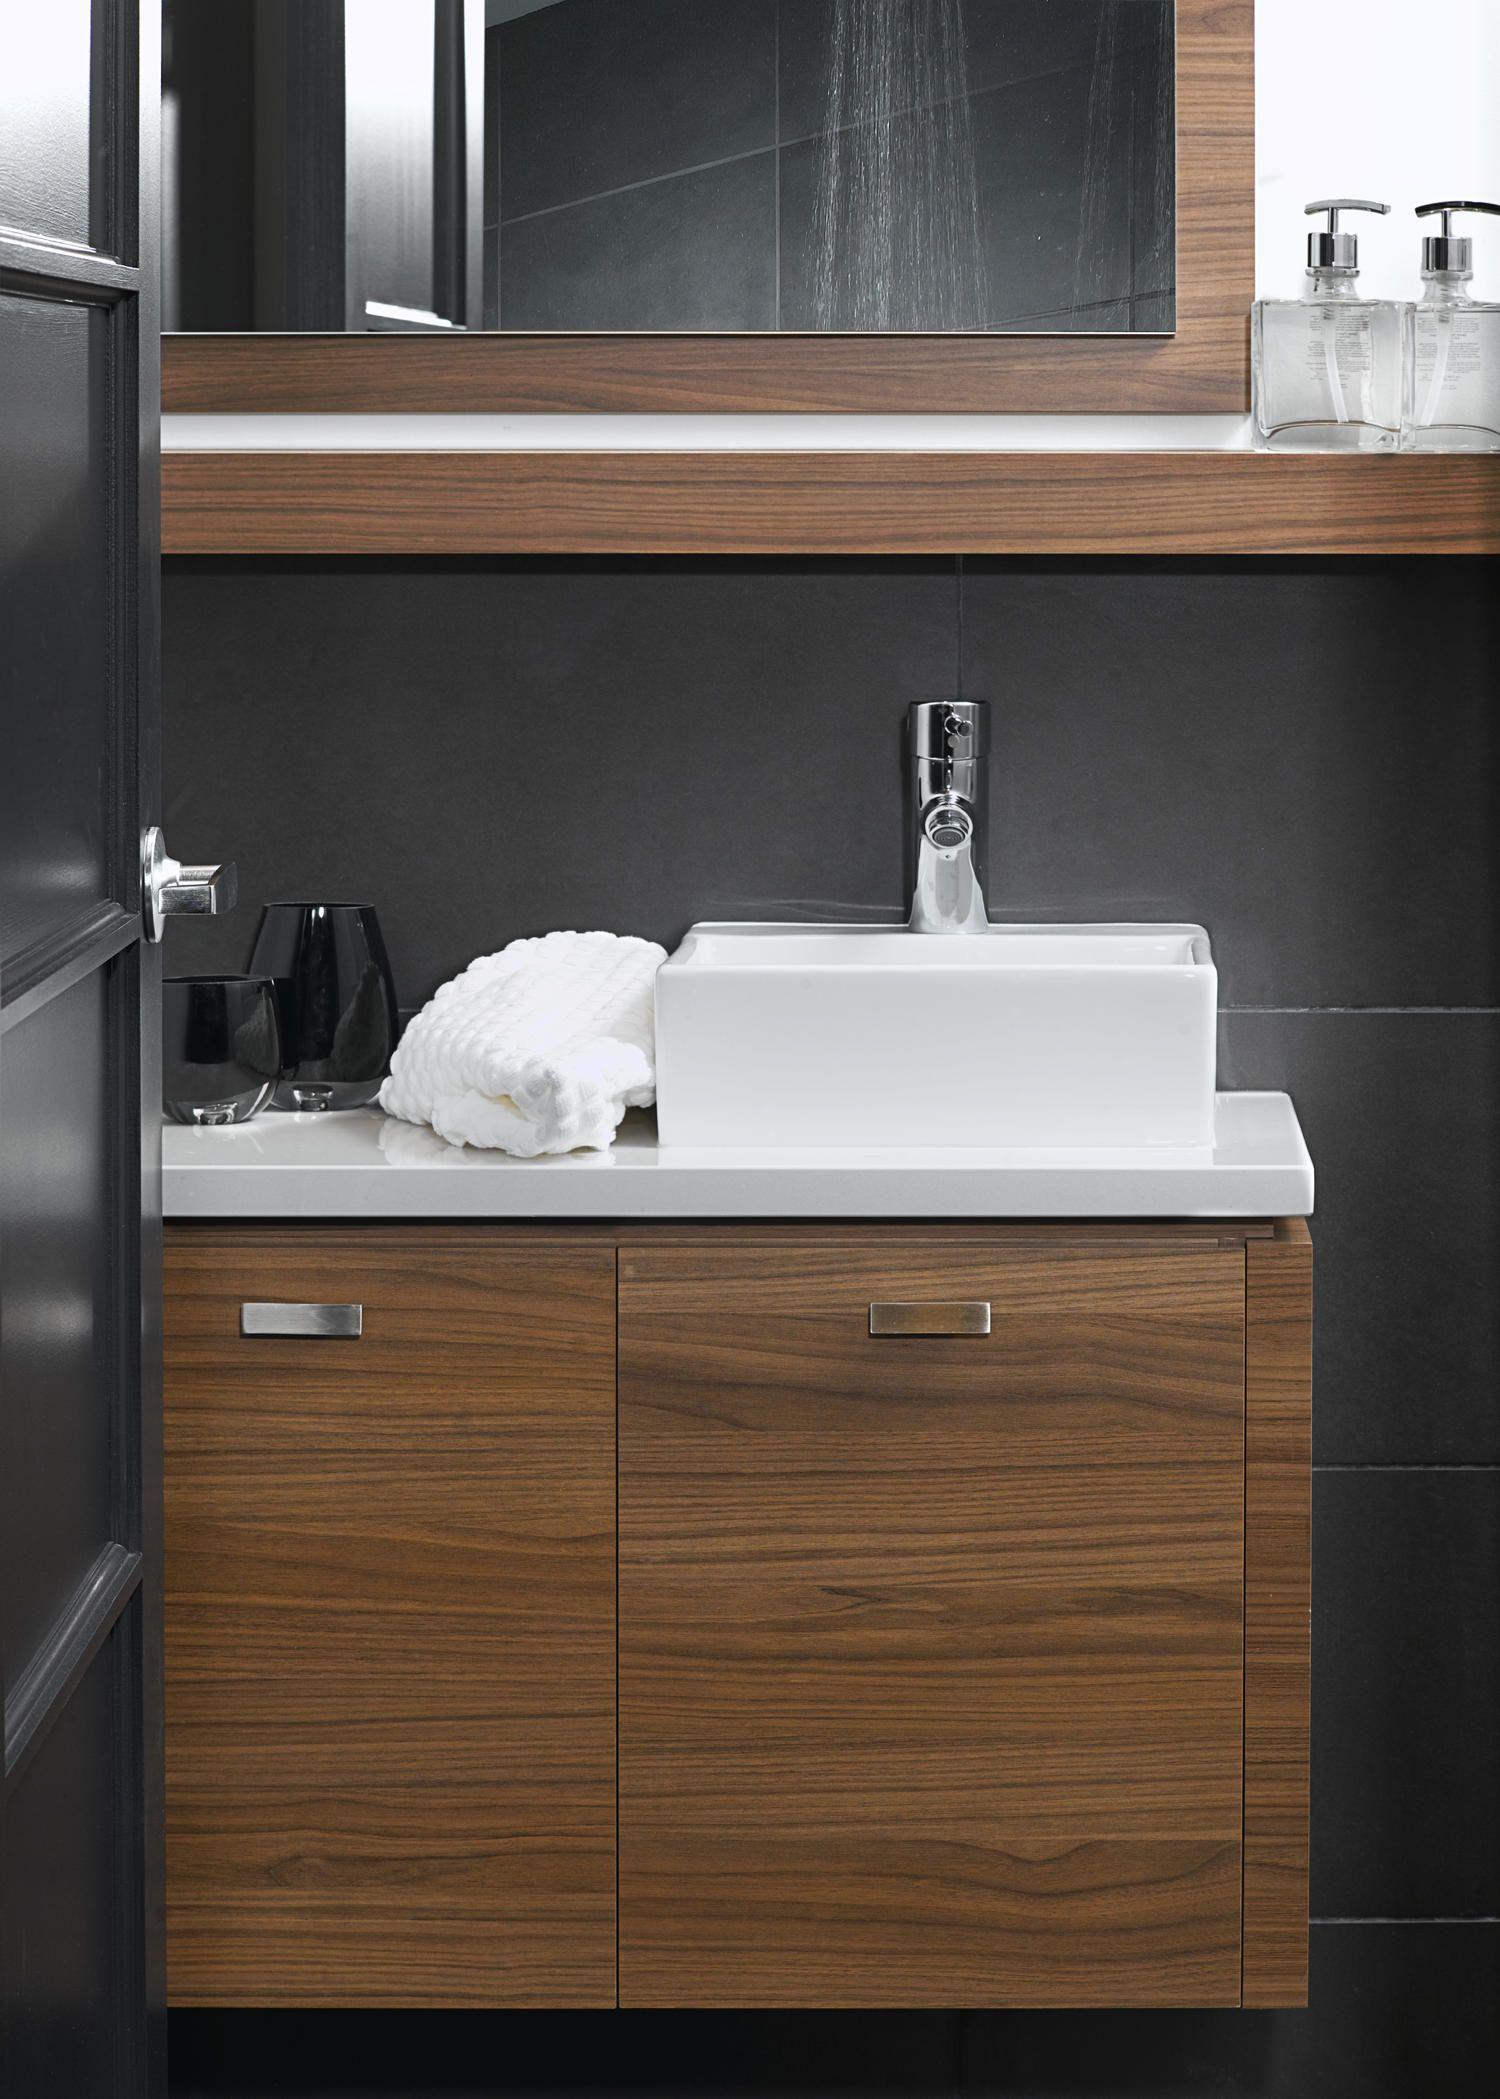 Salle de bain espana vanit de salle de bain en m lamine for Couleur salle de bain moderne